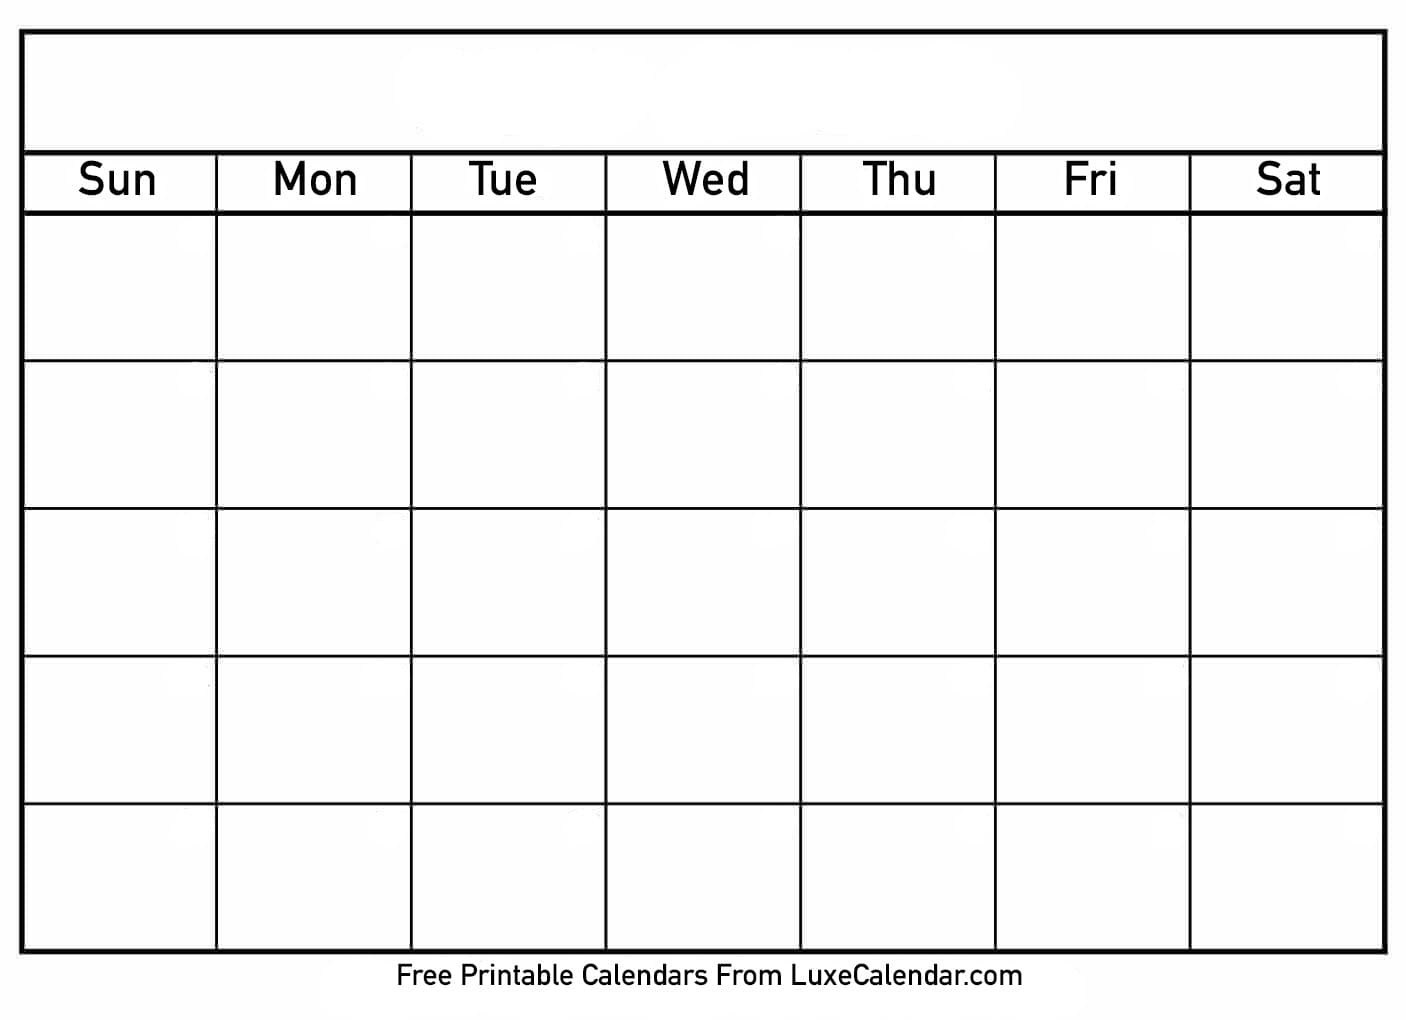 Blank Printable Calendar - Luxe Calendar_Free Printable Calendar Blank